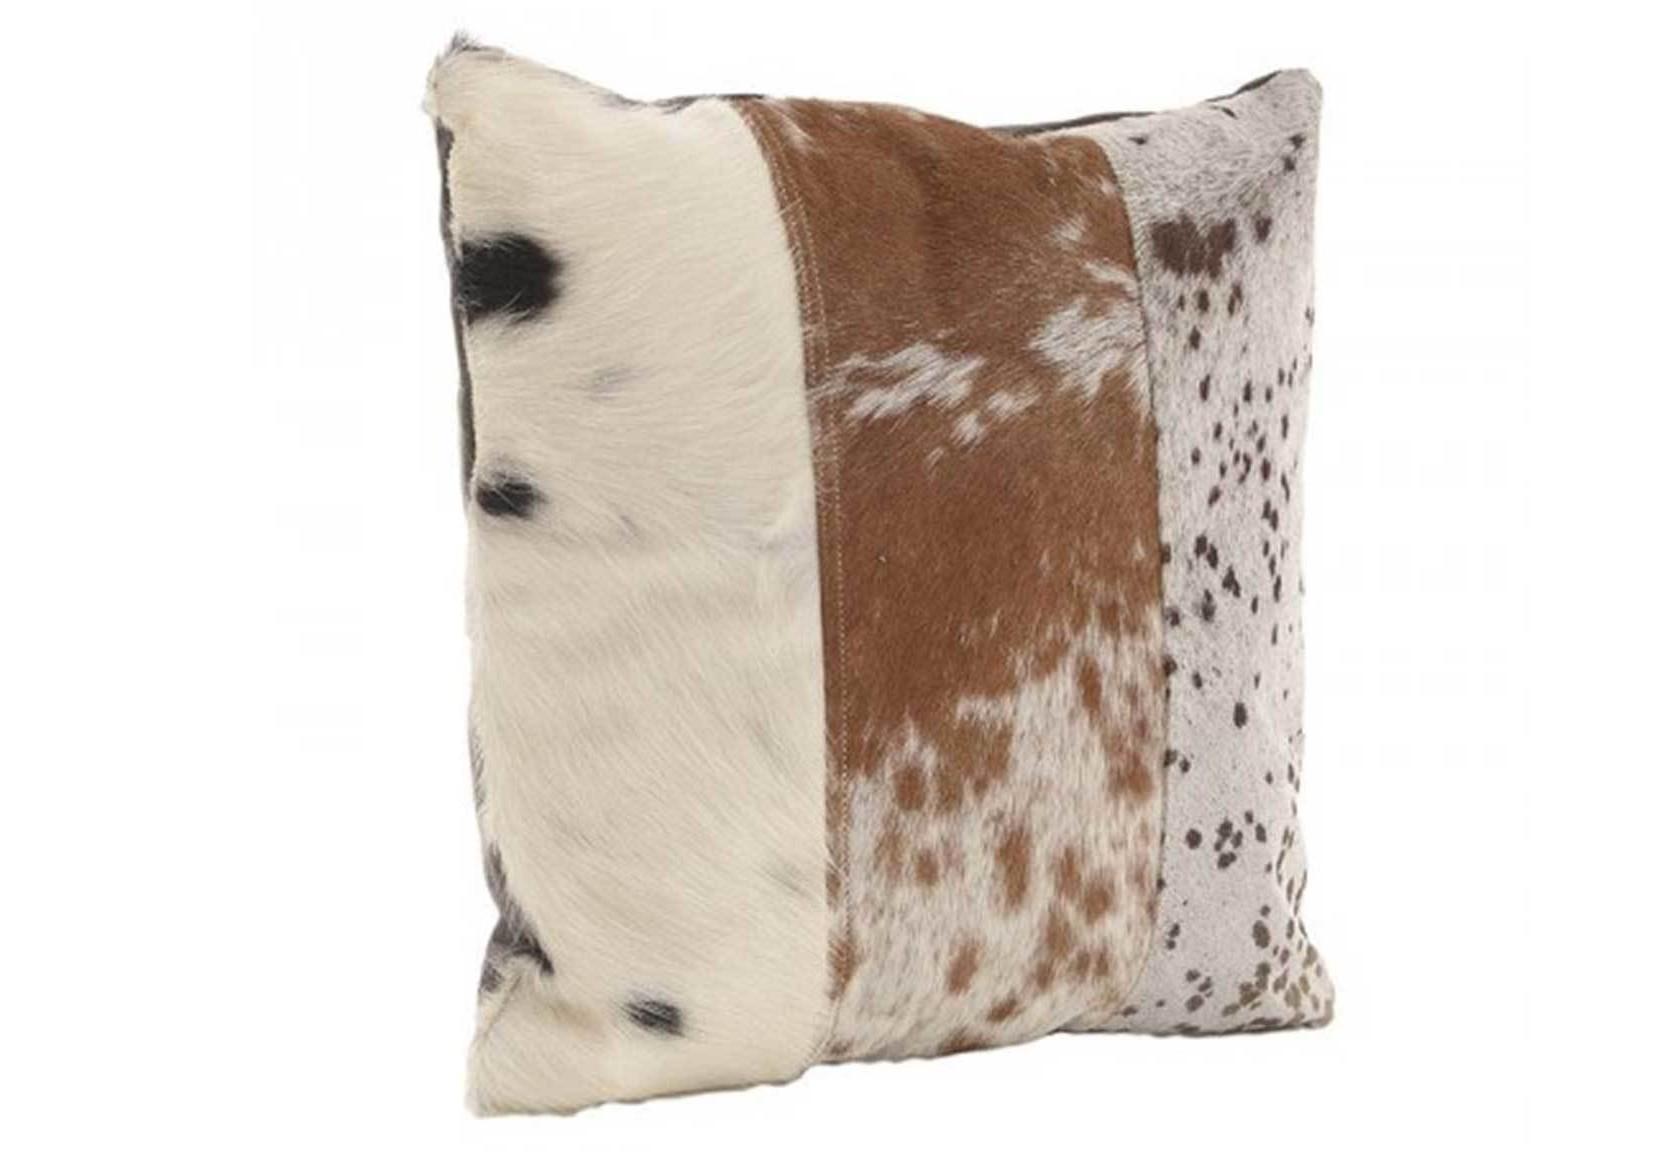 Подушка DefinittoКвадратные подушки и наволочки<br><br><br>Material: Текстиль